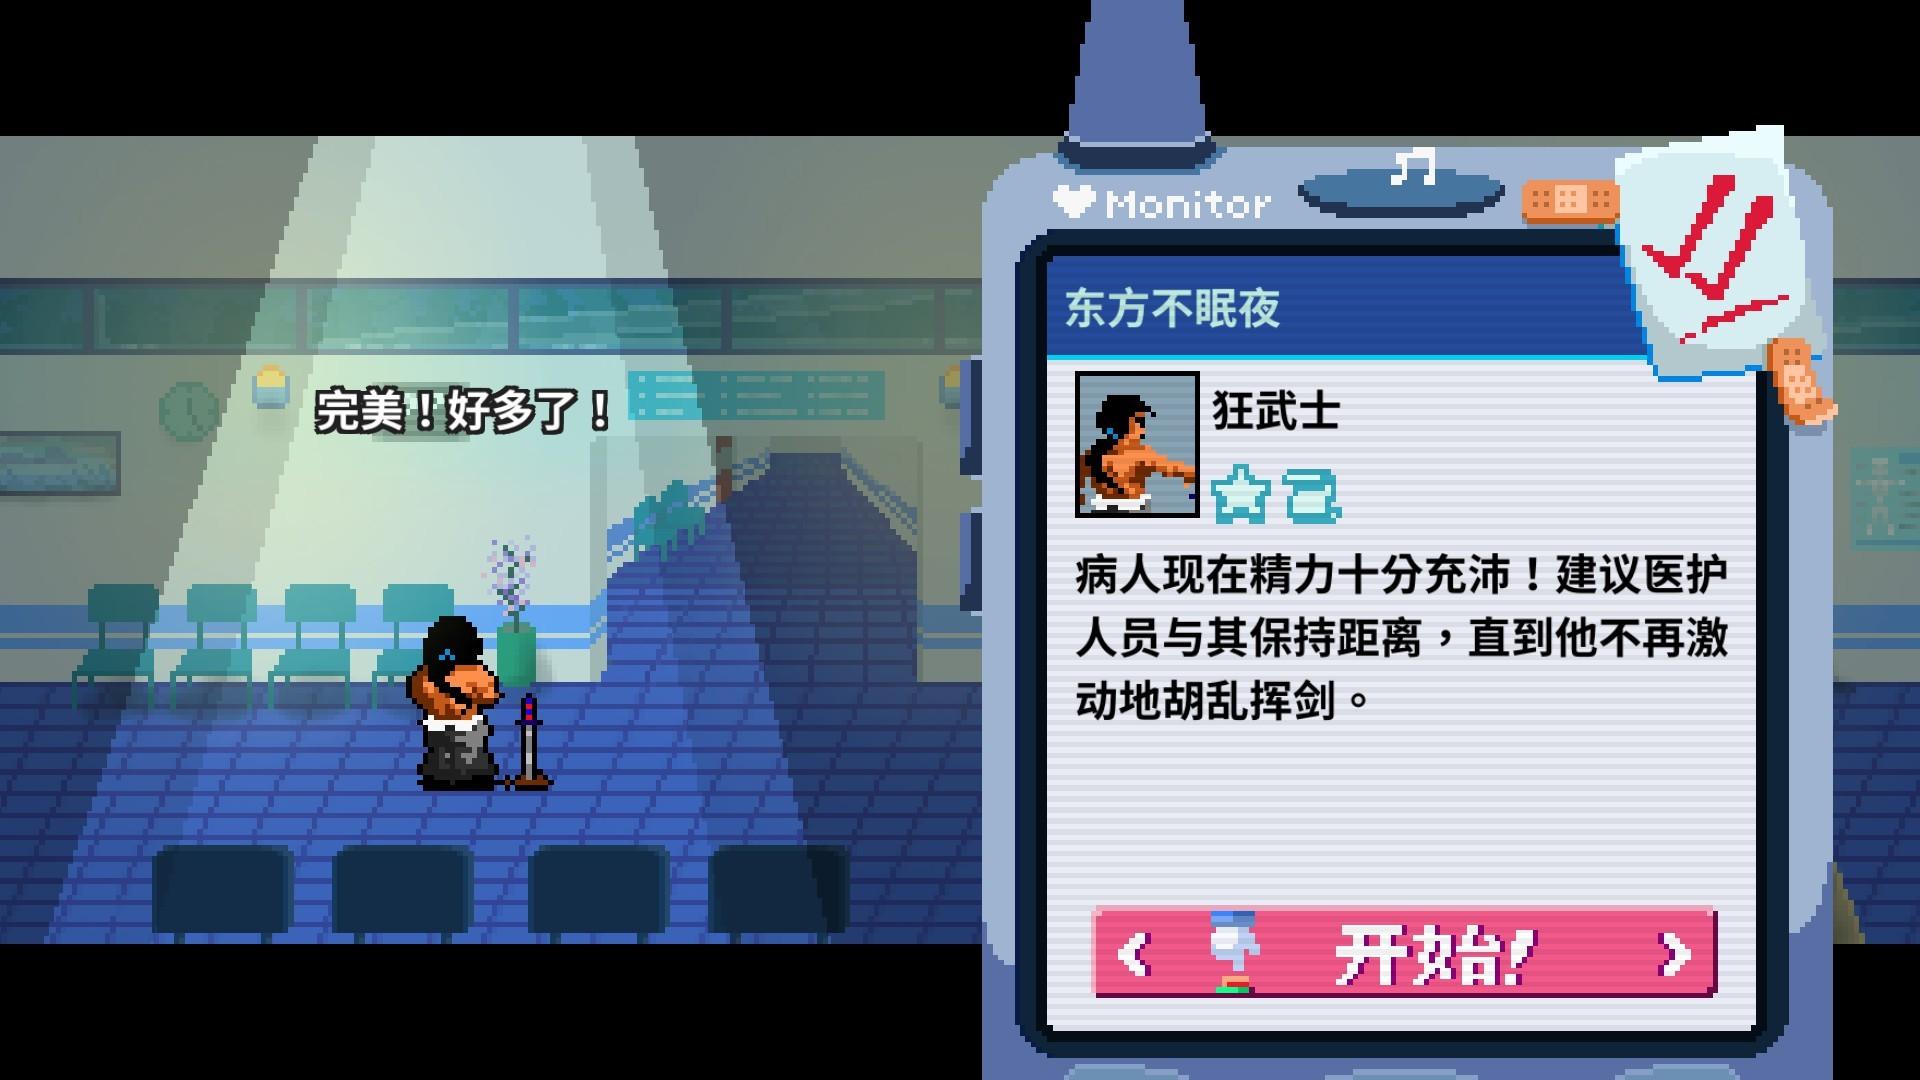 节奏医生/Rhythm Doctor(V.10.0(r15)中文语音)插图3